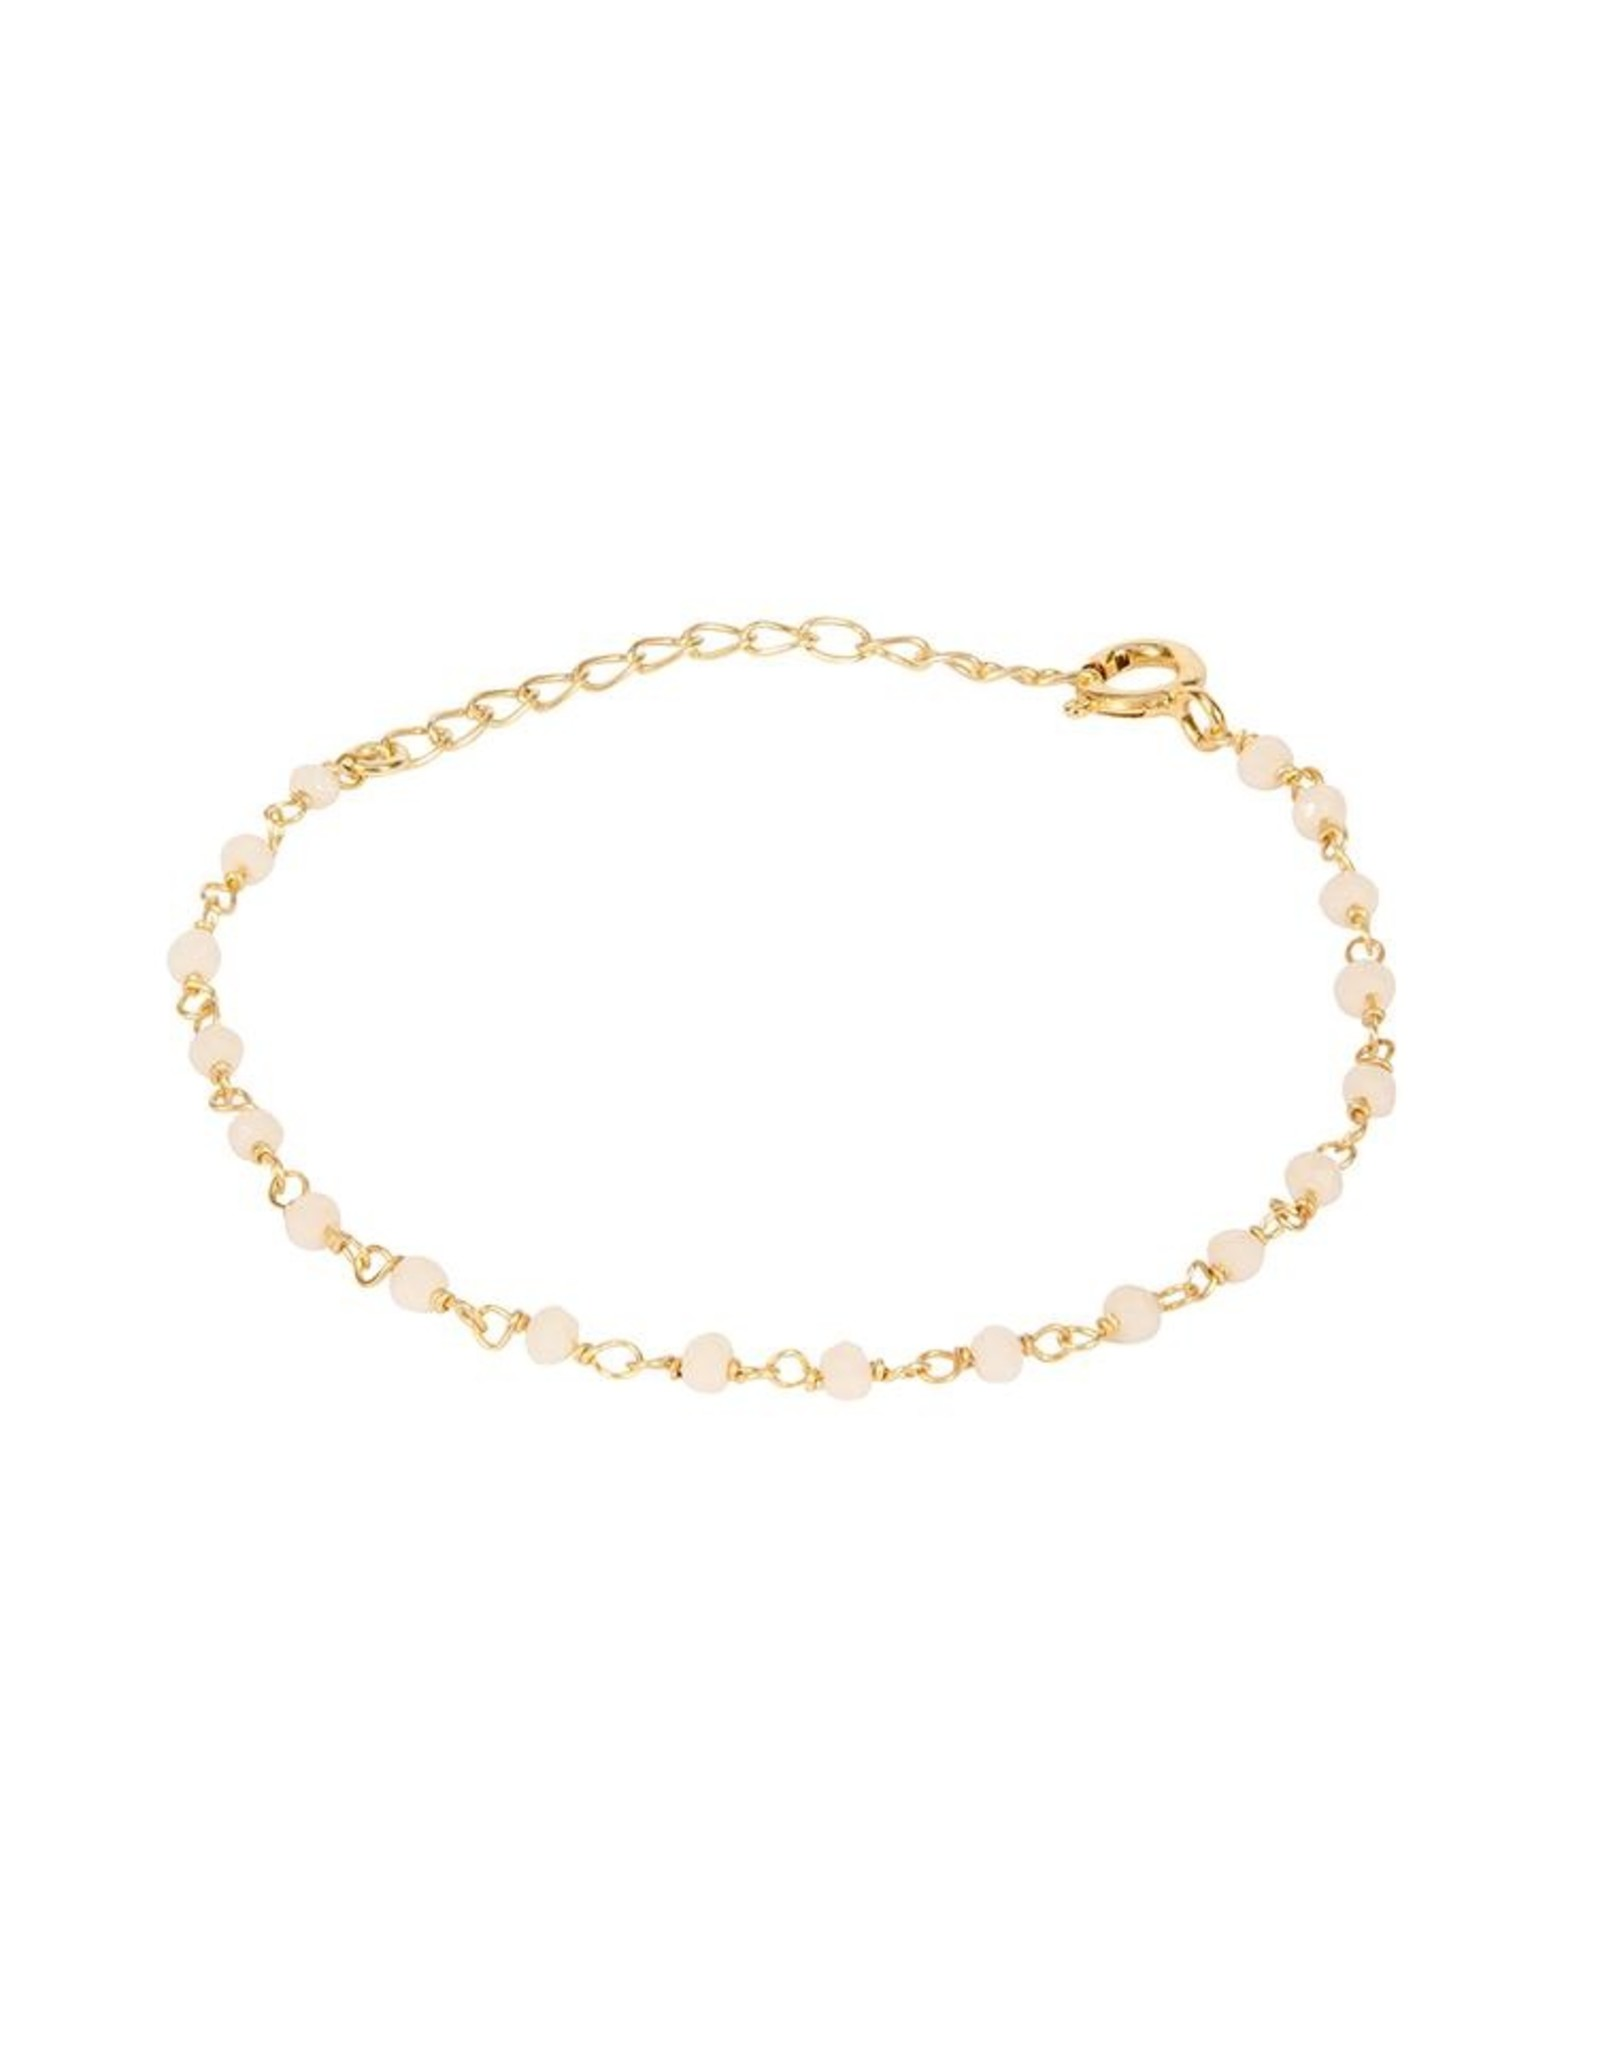 Armband Little Stones 925 Silber vergoldet chalcedon